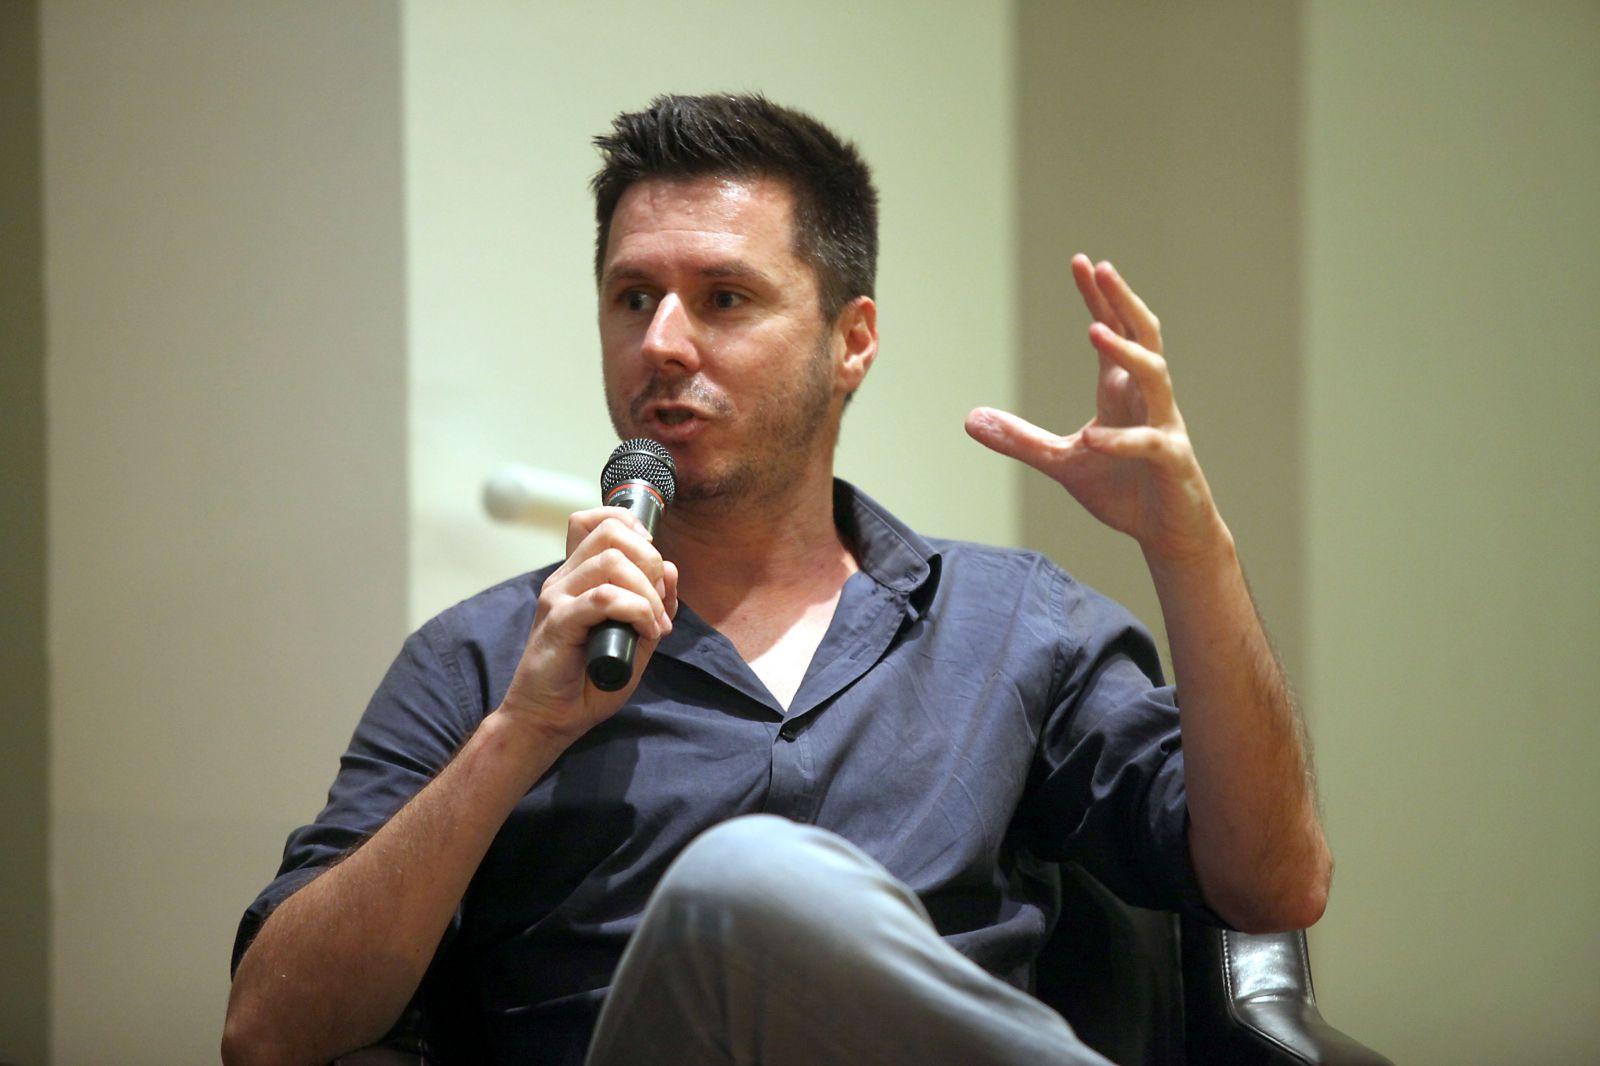 """דוד ורטהיים, עורך """"וואלה ברנז'ה"""", בכנס של האוניברסיטה הפתוחה, 31.7.13 (צילום: גדעון מרקוביץ)"""